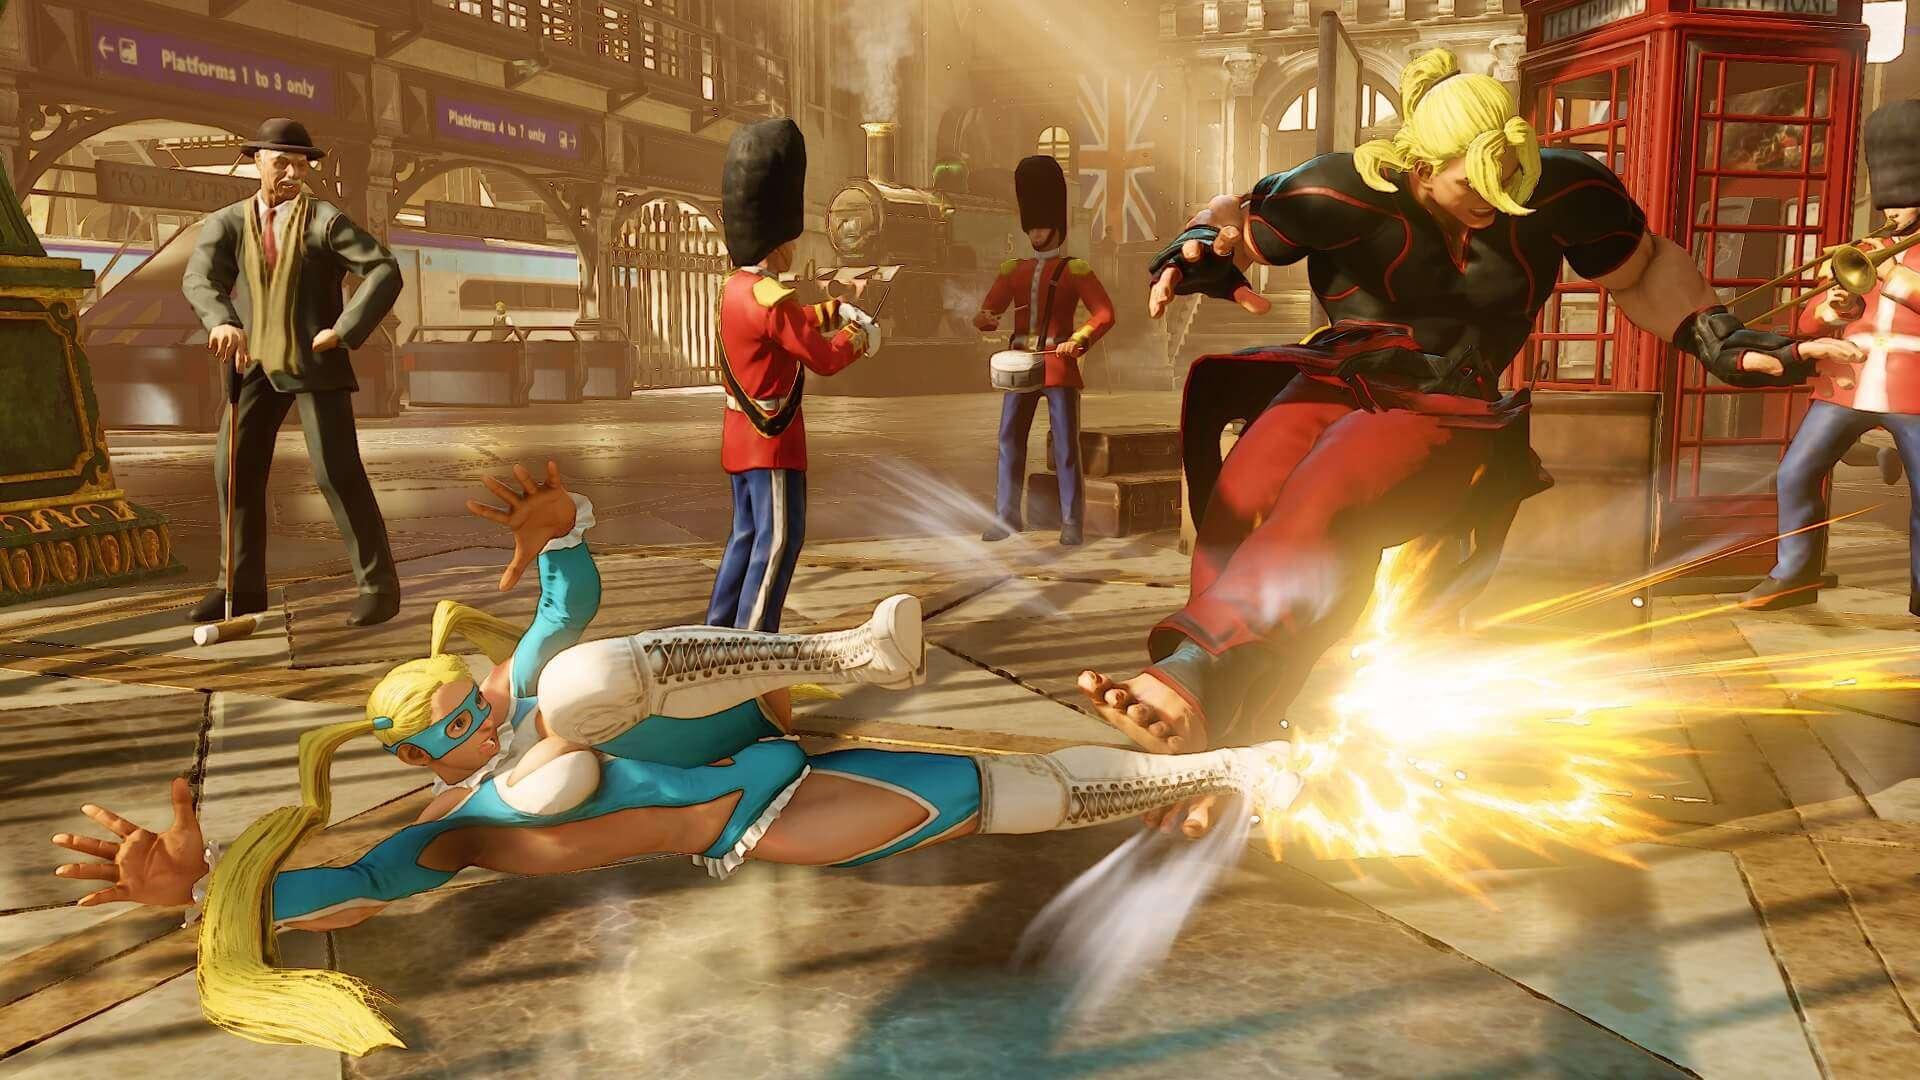 Neuer Street Fighter V Trailer mit Mika - fast so lecker wie Milka-Schokolade...